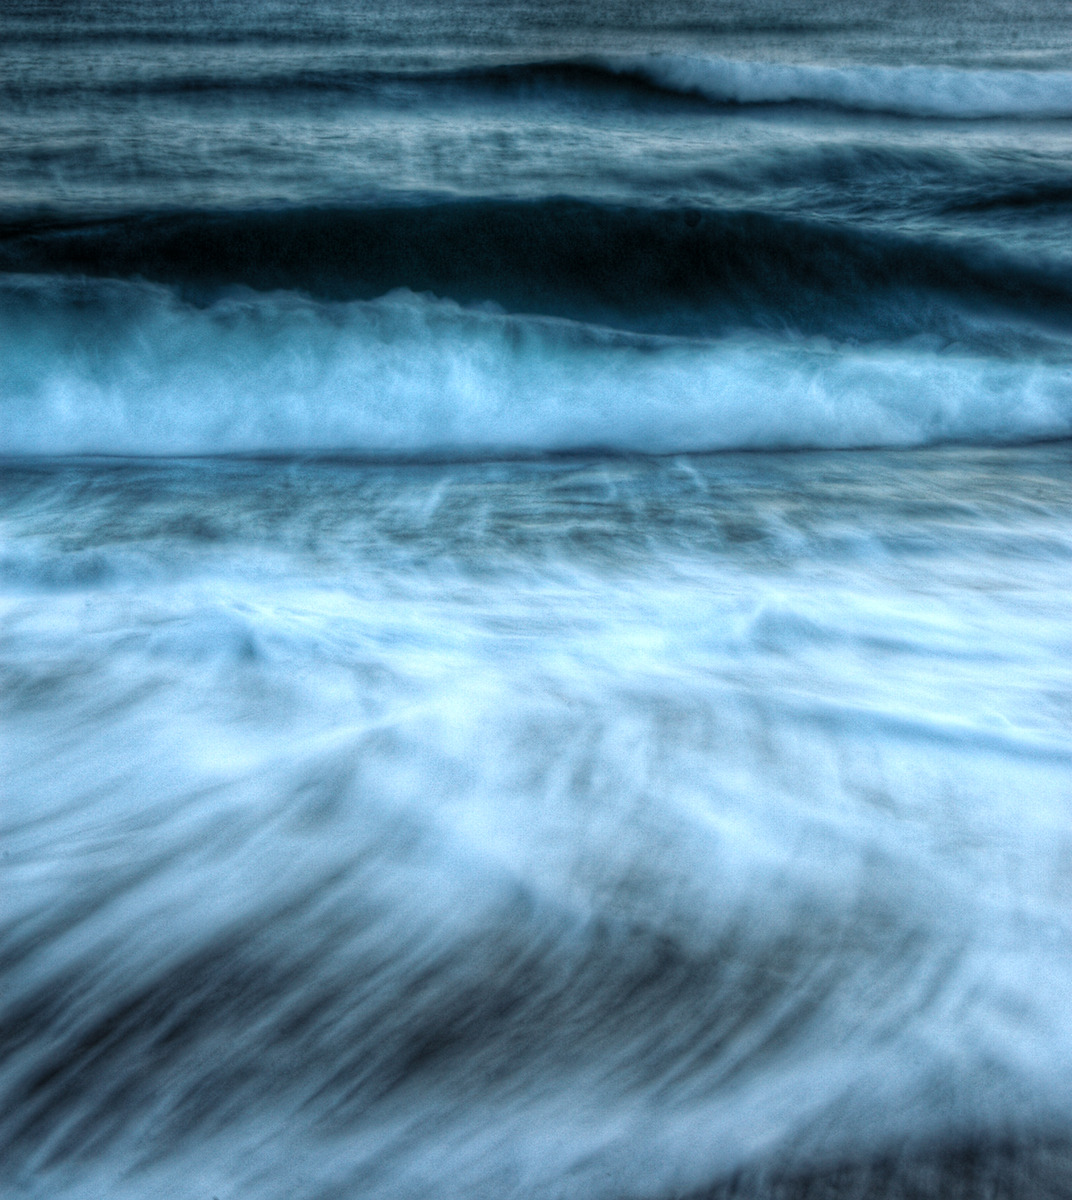 장노출로 촬영되었지만 멀리 일렁이는 파도와 다가오는 파도가 역동적으로 나타나 있는 사진